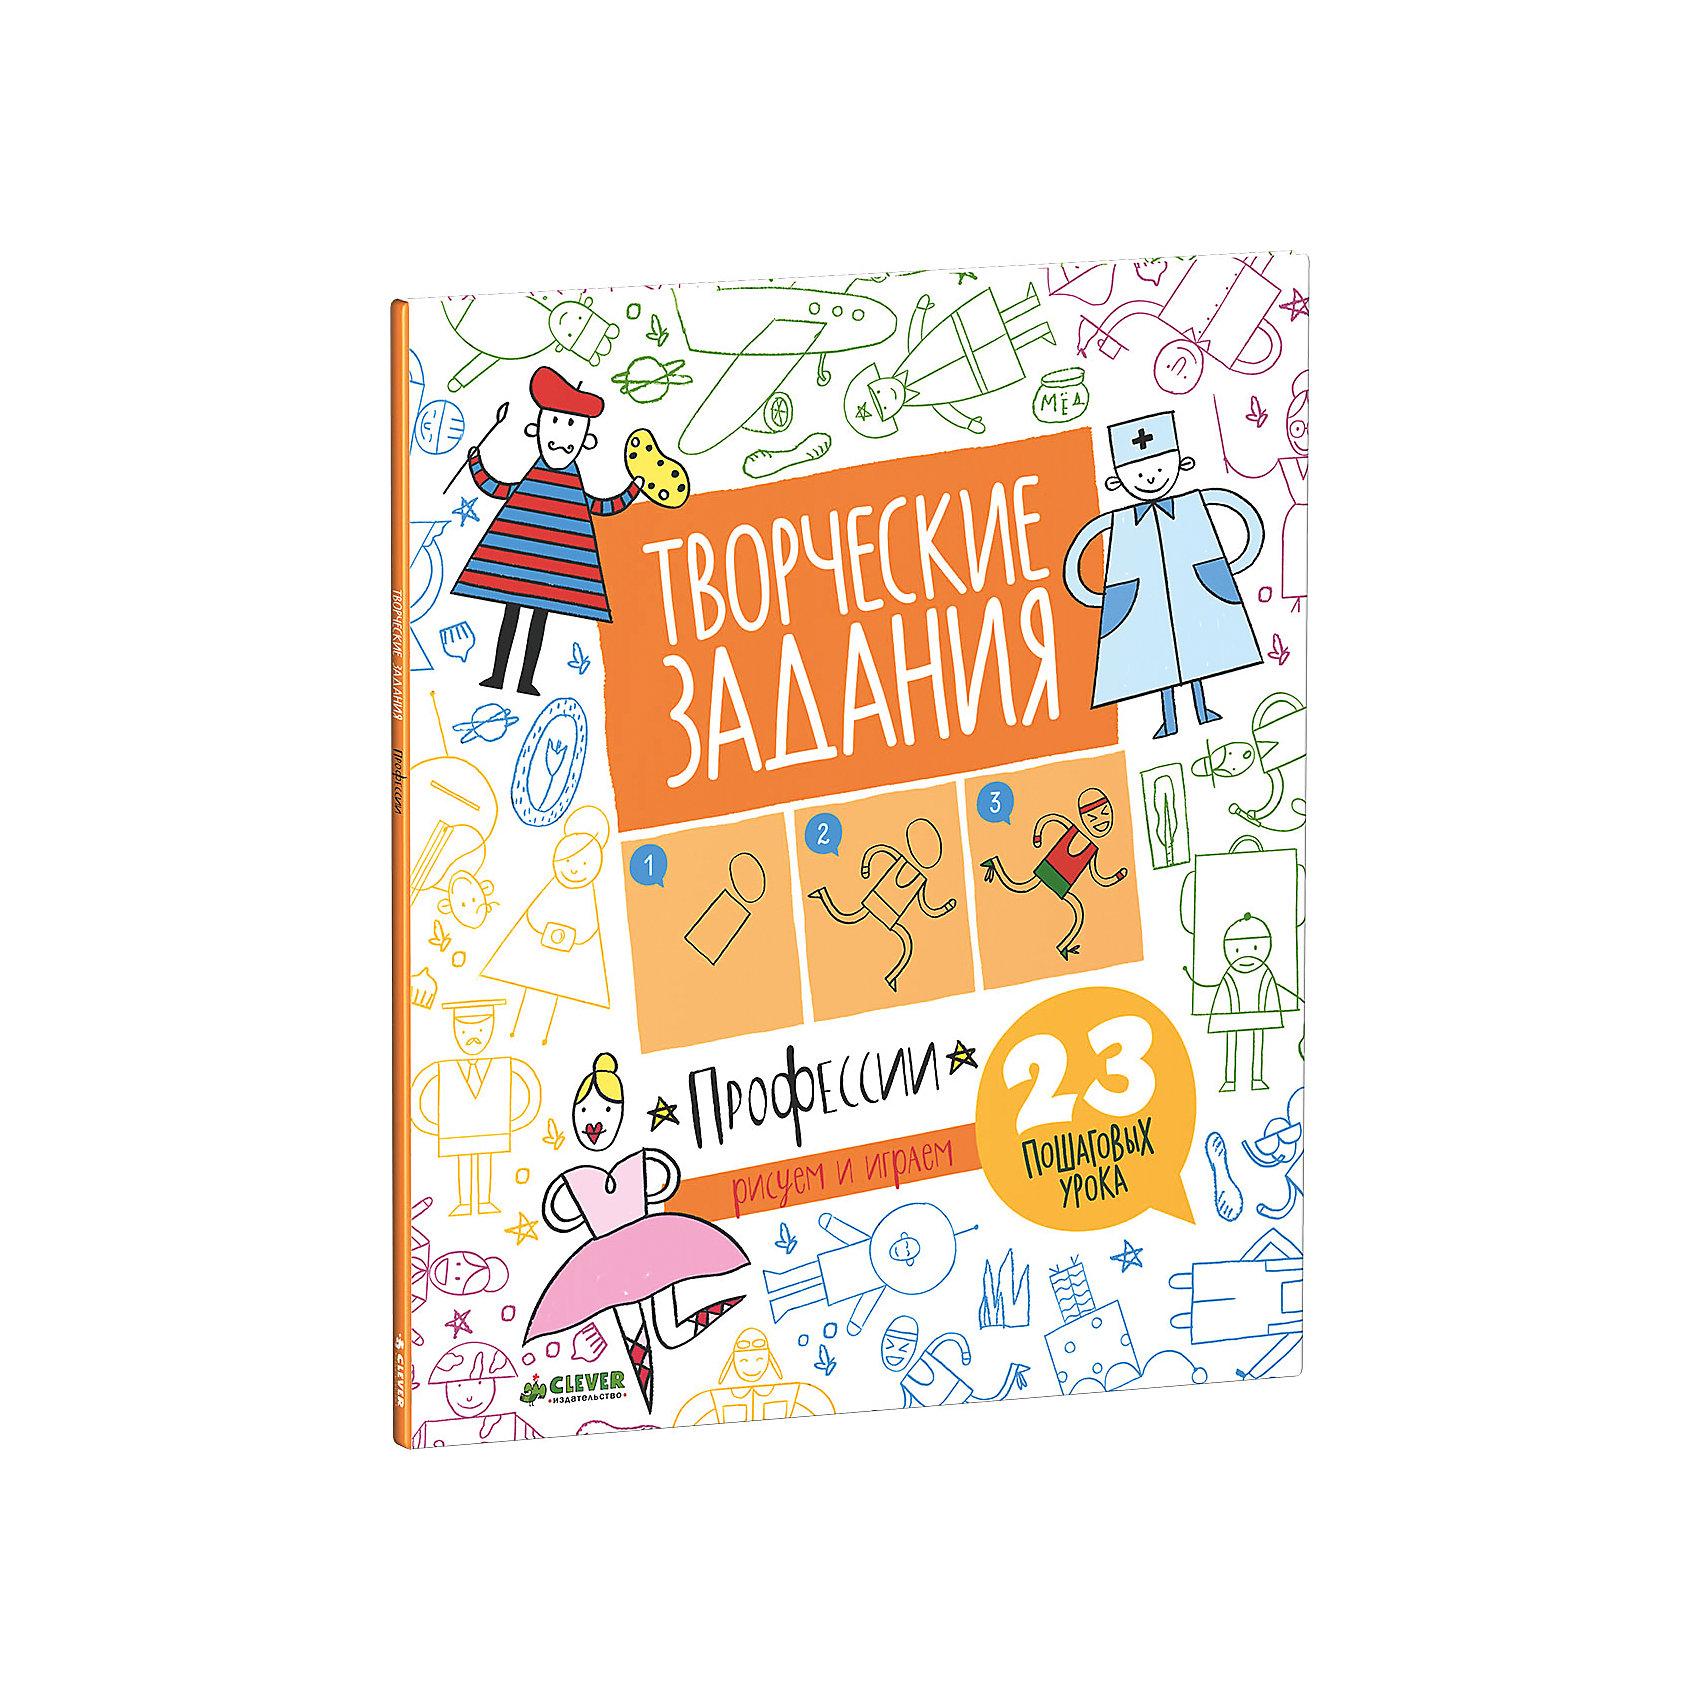 Творческие задания Профессии, 23 пошаговых урокаРисование<br>Творческие задания Профессии, 23 пошаговых урока<br><br>Характеристики:<br><br>• ISBN: 978-5-906824-94-3<br>• Кол-во страниц:48<br>• Возраст: от 5 лет <br>• Формат: а4<br>• Размер книги: 250x216x5 мм<br>• Бумага: офсет<br>• Вес: 210 г<br>• Обложка: мягкая<br><br>Творчество и, в частности, рисование – прекрасный способ снять стресс, напряжение и освободиться от беспокойства. Если вы устали, раздражены или не знаете, чем себя занять – эта книга прекрасно подойдет для того, чтобы развлечься, найти вдохновение, расслабиться и почувствовать радость. <br><br>Эта книга-альбом для творчества и рисования позволяет отвлечься от повседневных забот и побыть наедине с собой. Не важно, умеете ли вы рисовать, важно только выражать себя, пробовать – и все получится. Для использования этой книги не нужна академическая точность – только ваше желание, ведь книга содержит пошаговые уроки, которые помогут вам нарисовать представителей разных профессий.<br><br>Творческие задания Профессии, 23 пошаговых урока можно купить в нашем интернет-магазине.<br><br>Ширина мм: 250<br>Глубина мм: 215<br>Высота мм: 10<br>Вес г: 210<br>Возраст от месяцев: 48<br>Возраст до месяцев: 72<br>Пол: Унисекс<br>Возраст: Детский<br>SKU: 5377837